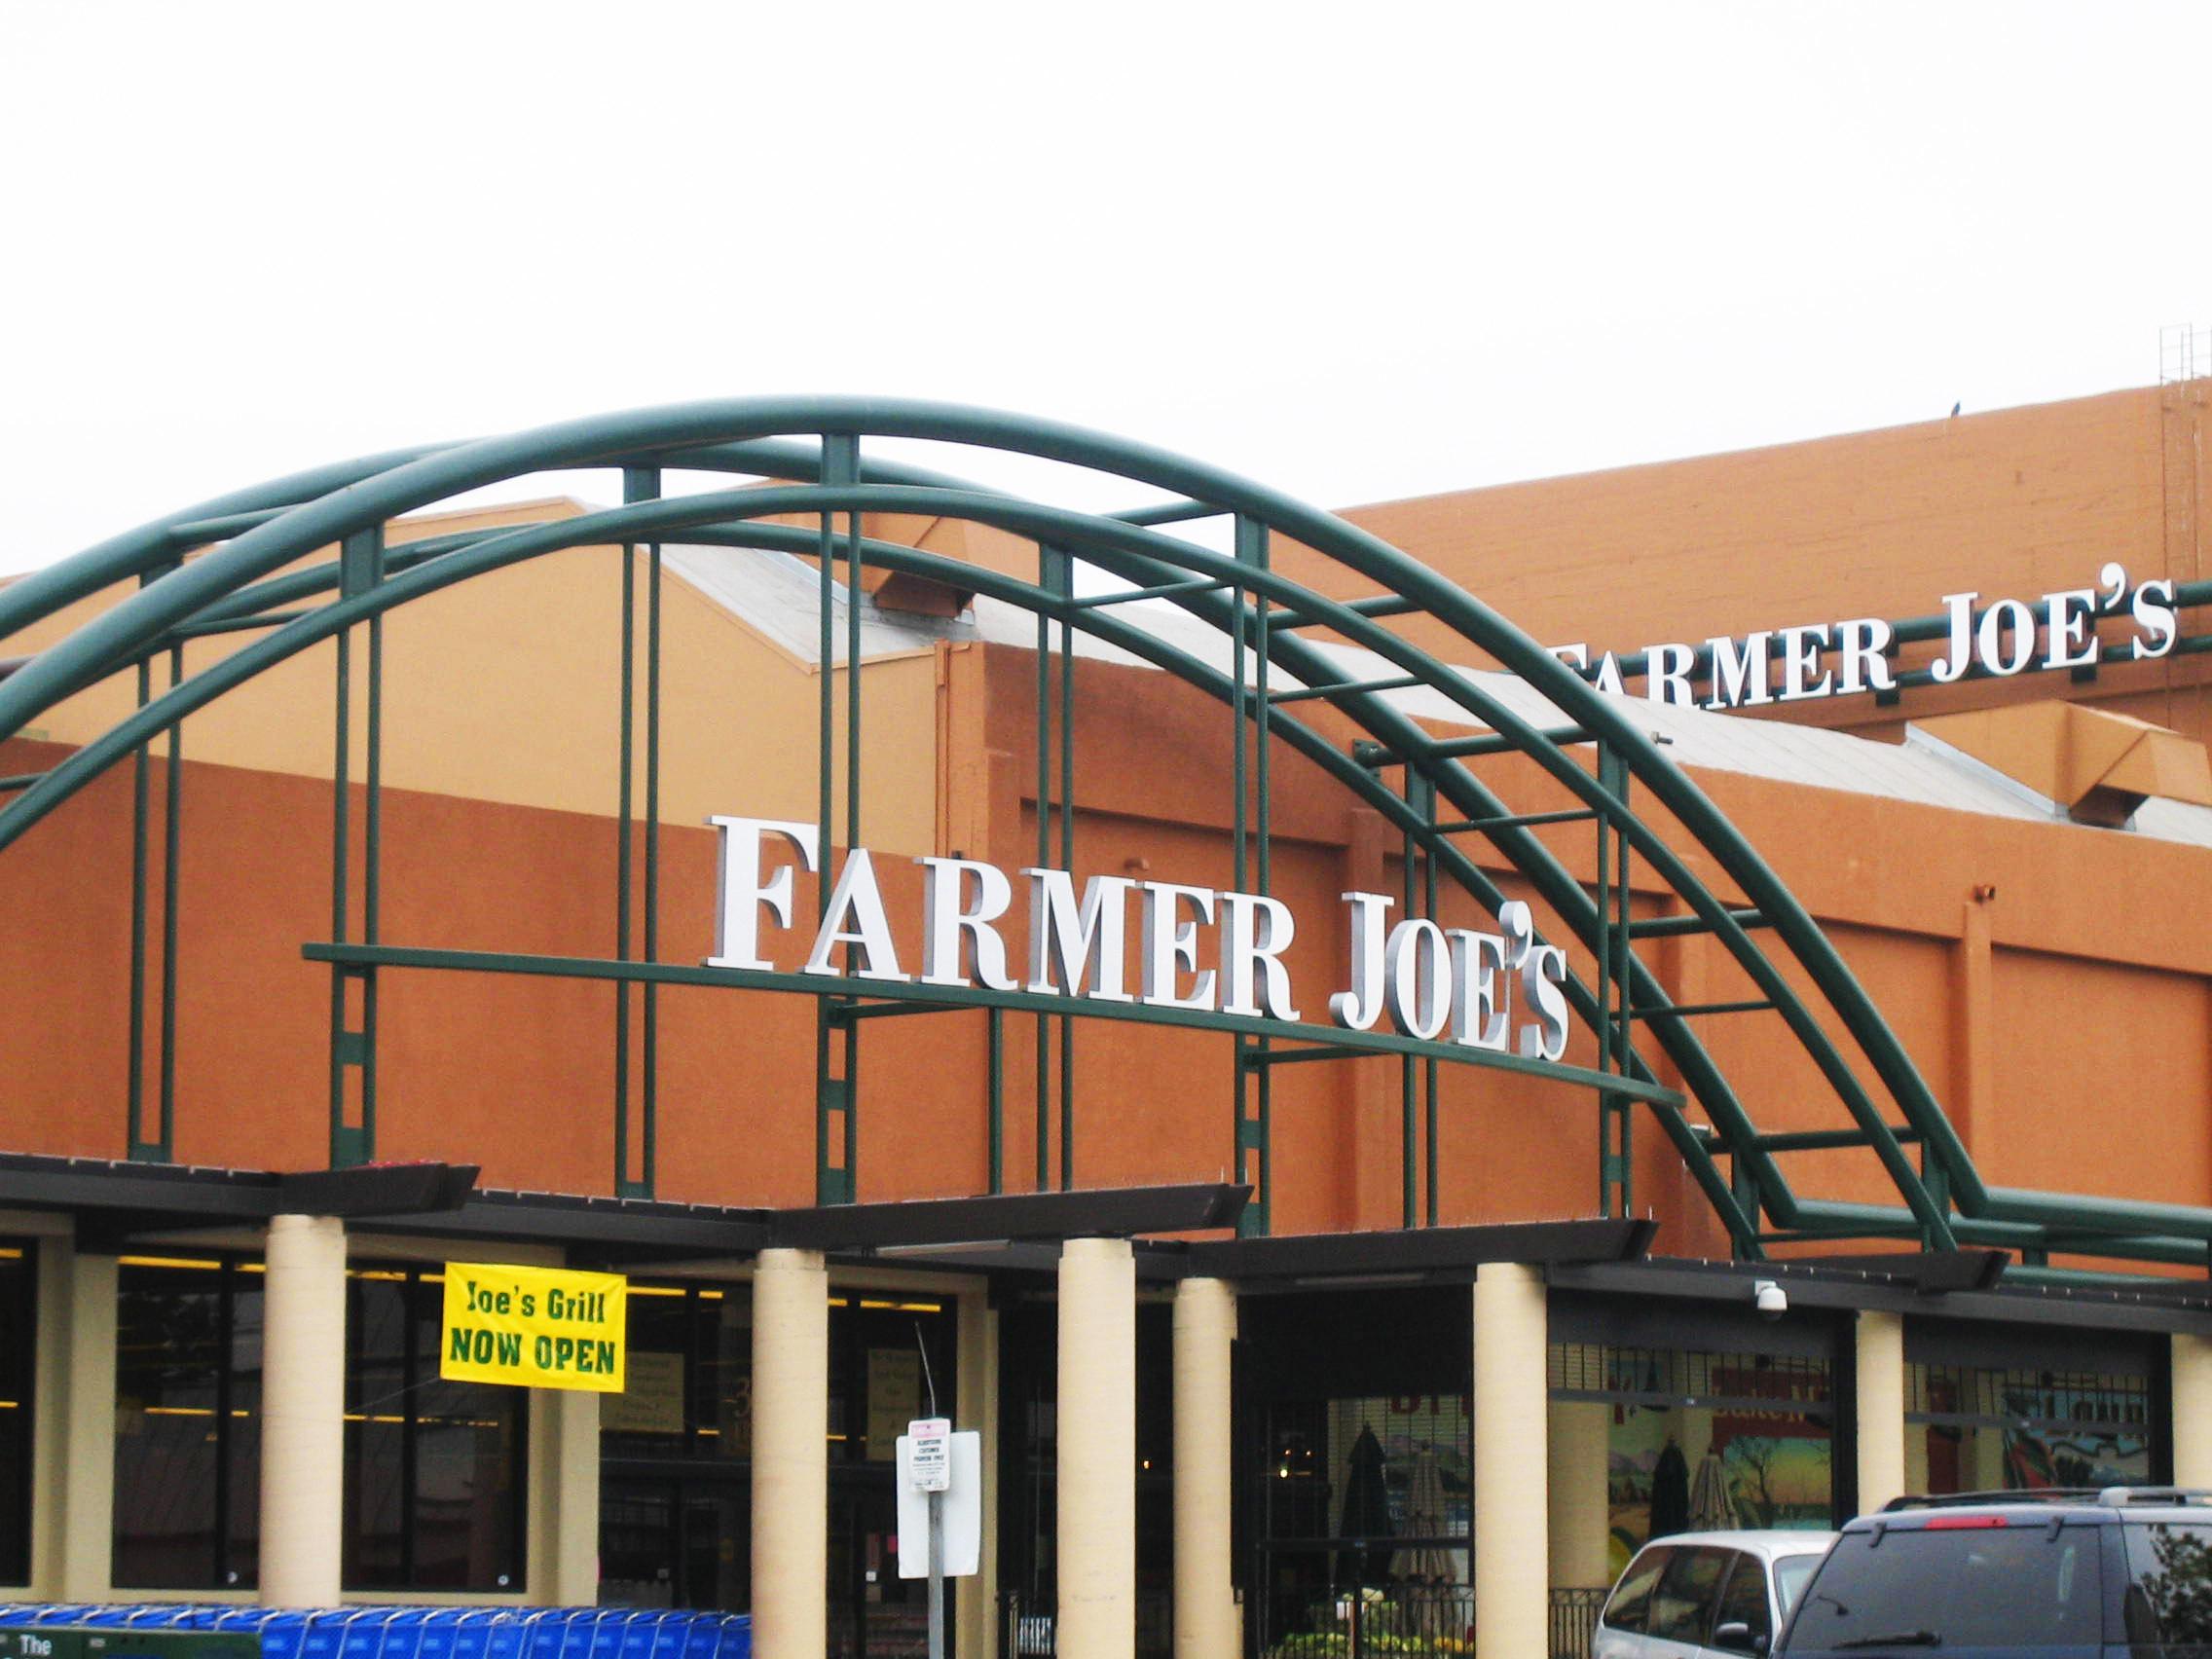 Farmer Joe's